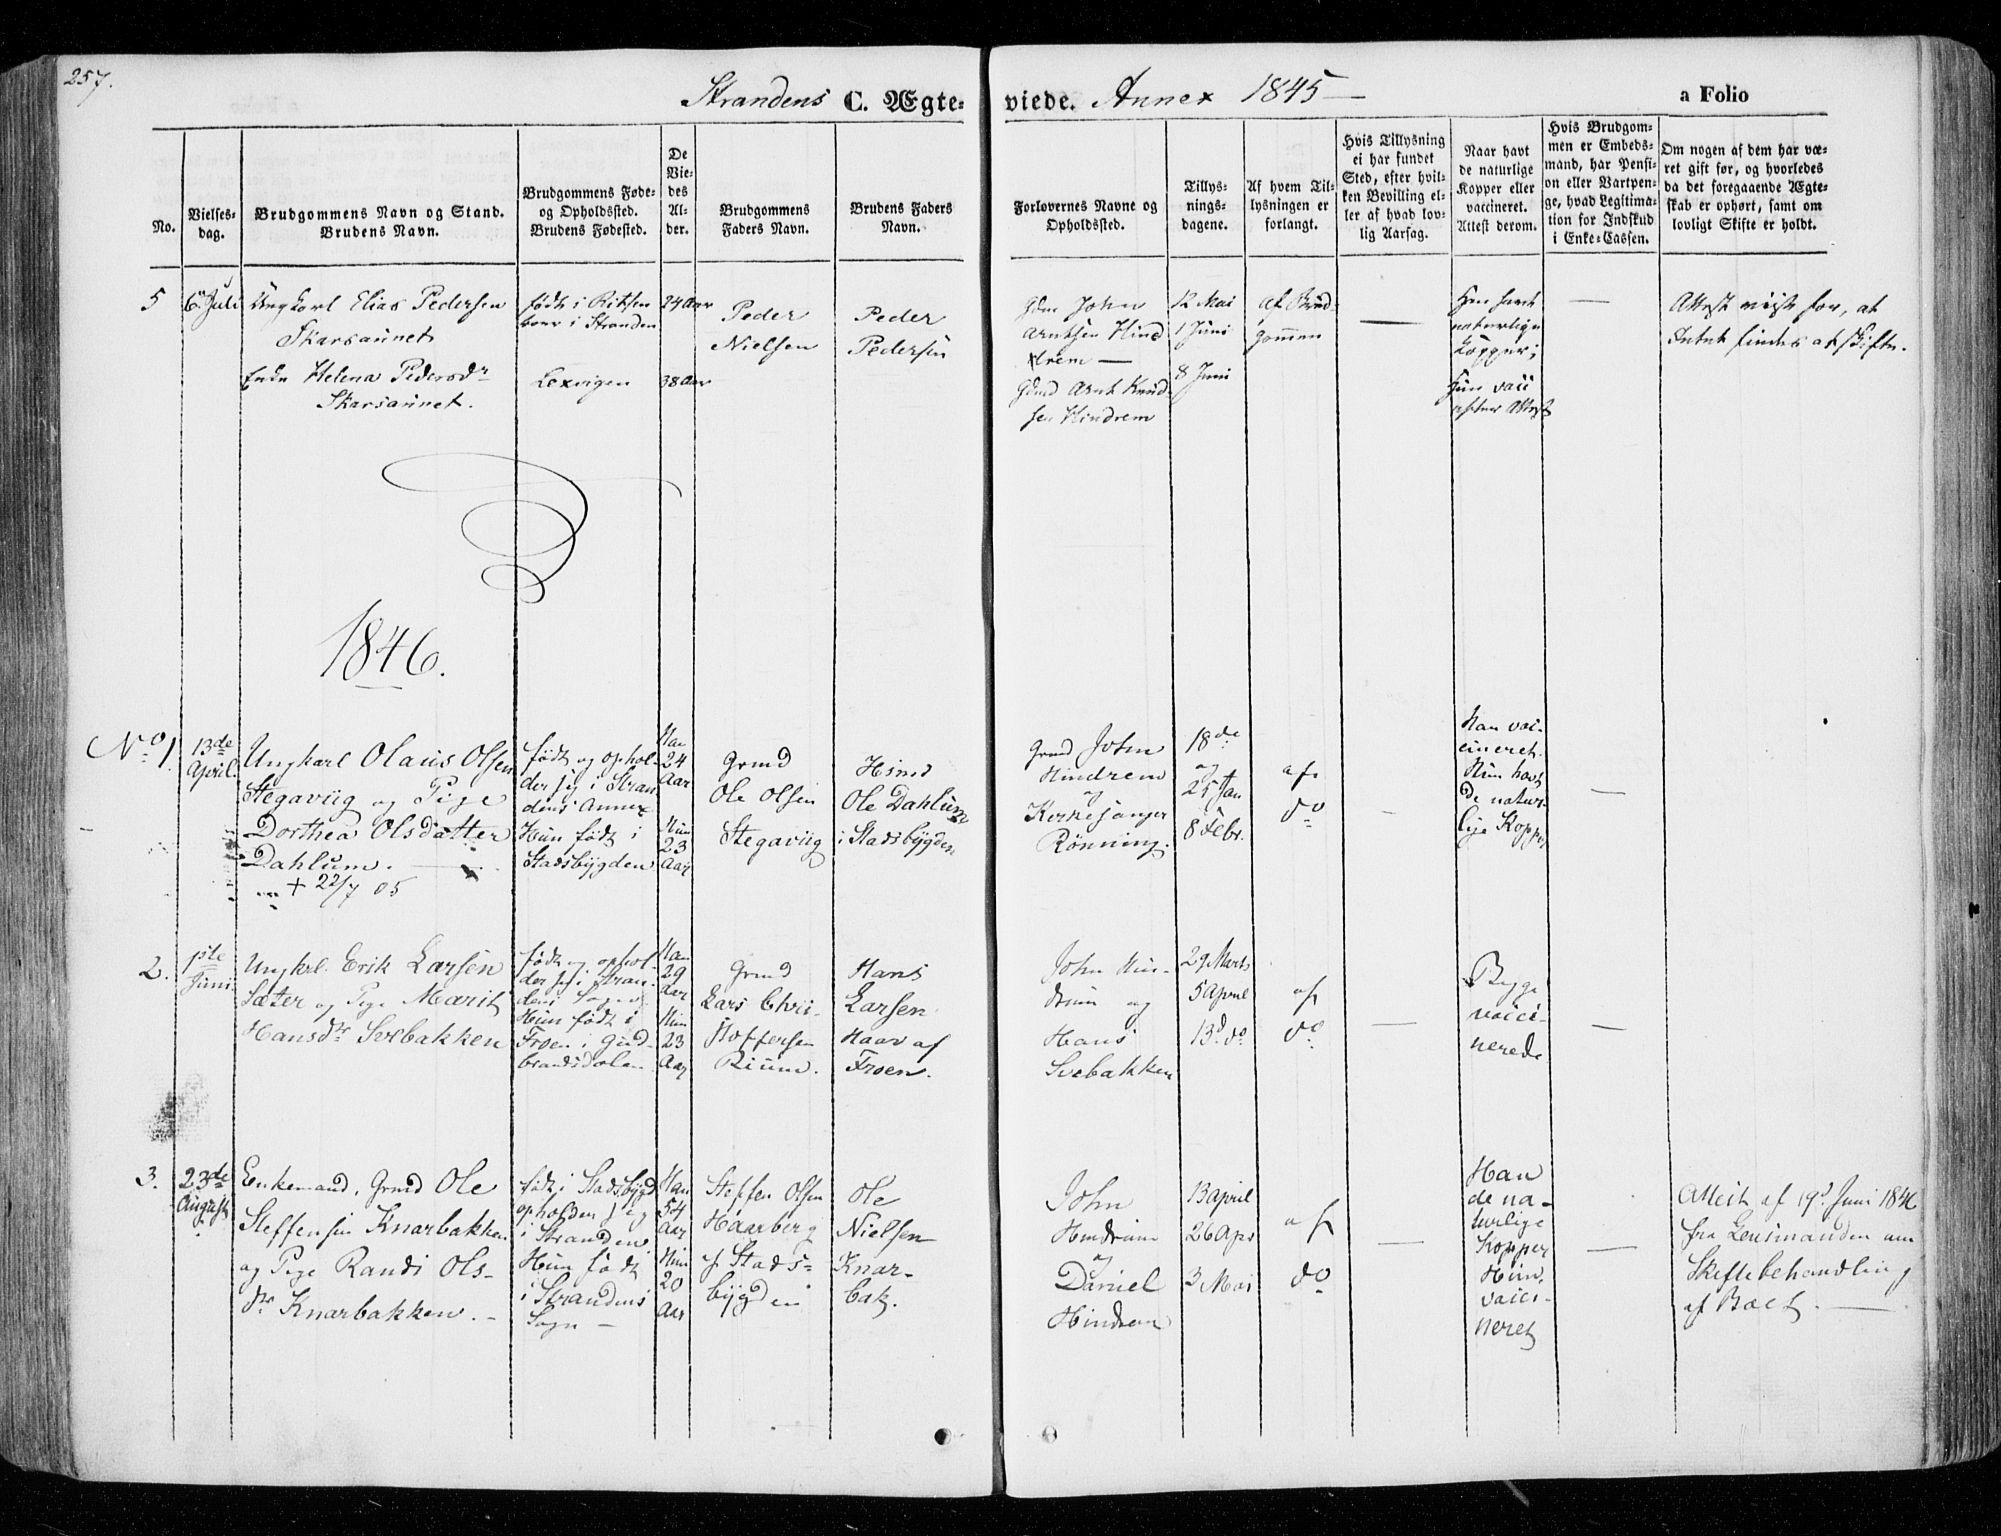 SAT, Ministerialprotokoller, klokkerbøker og fødselsregistre - Nord-Trøndelag, 701/L0007: Ministerialbok nr. 701A07 /2, 1842-1854, s. 257